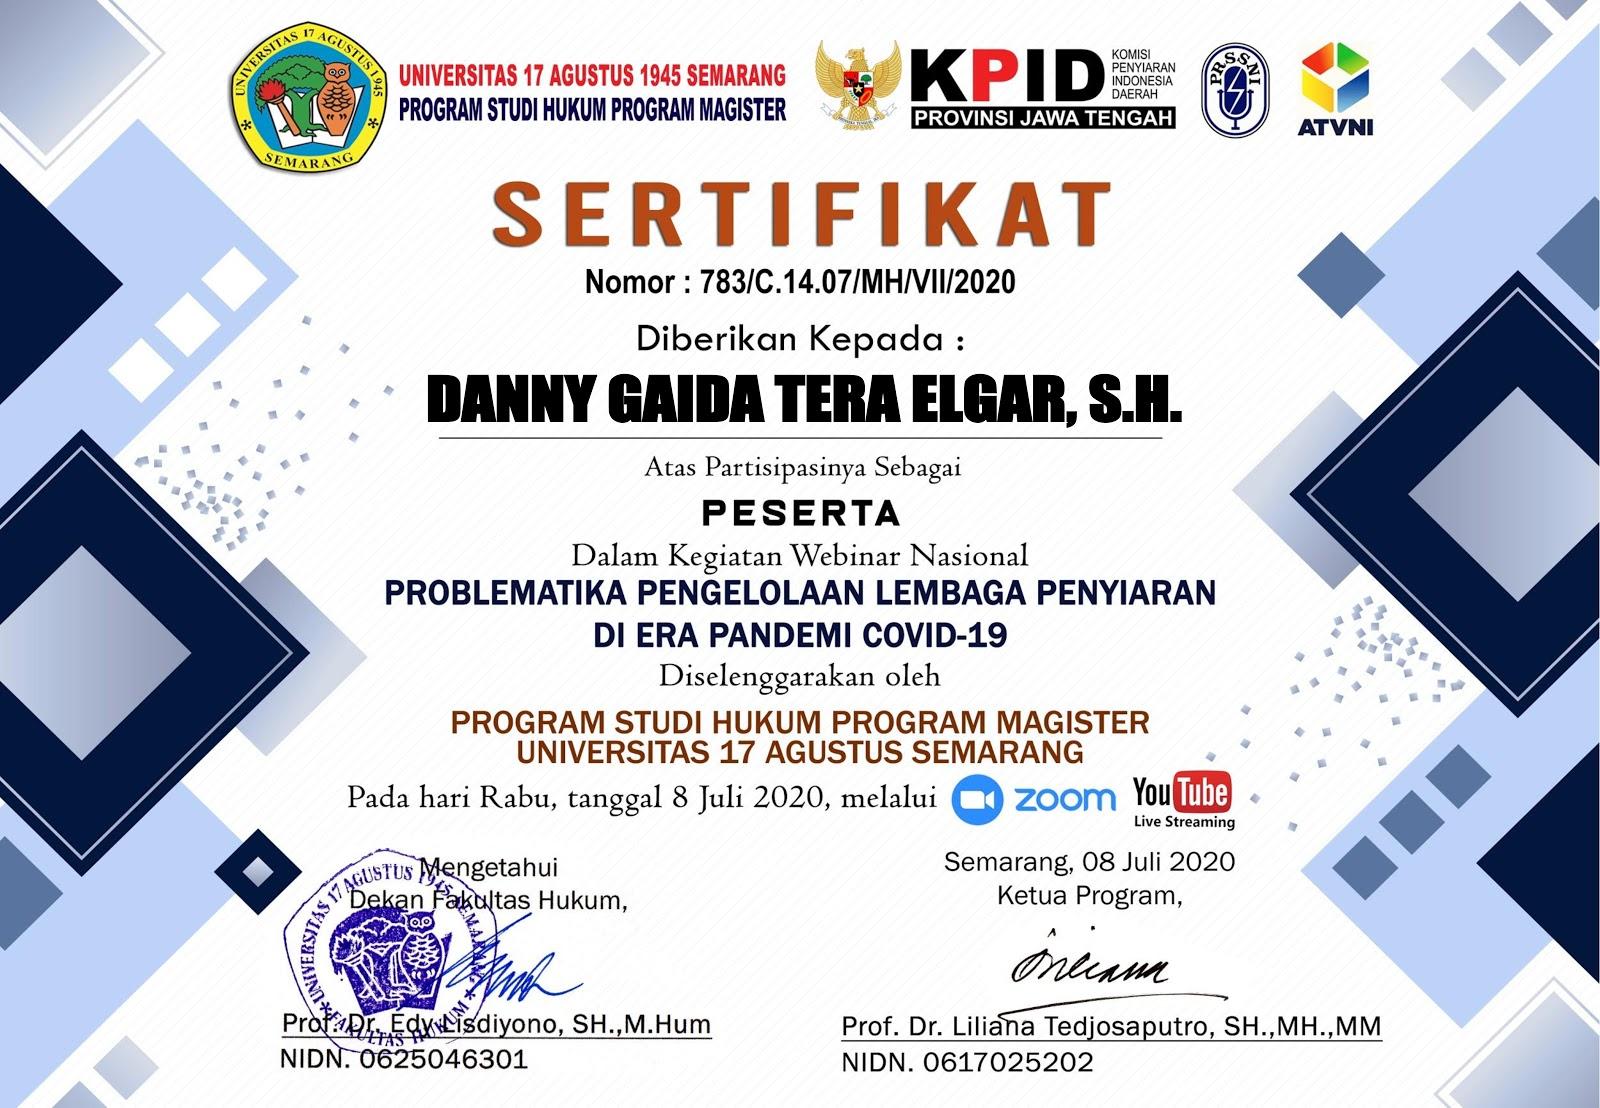 Sertifikat Program Magister (S2) Ilmu Hukum Universitas 17 Agustus 1945 (UNTAG) Semarang | Problematika Pengelolaan Lembaga Penyiaran Di Era Pandemi COVID-19